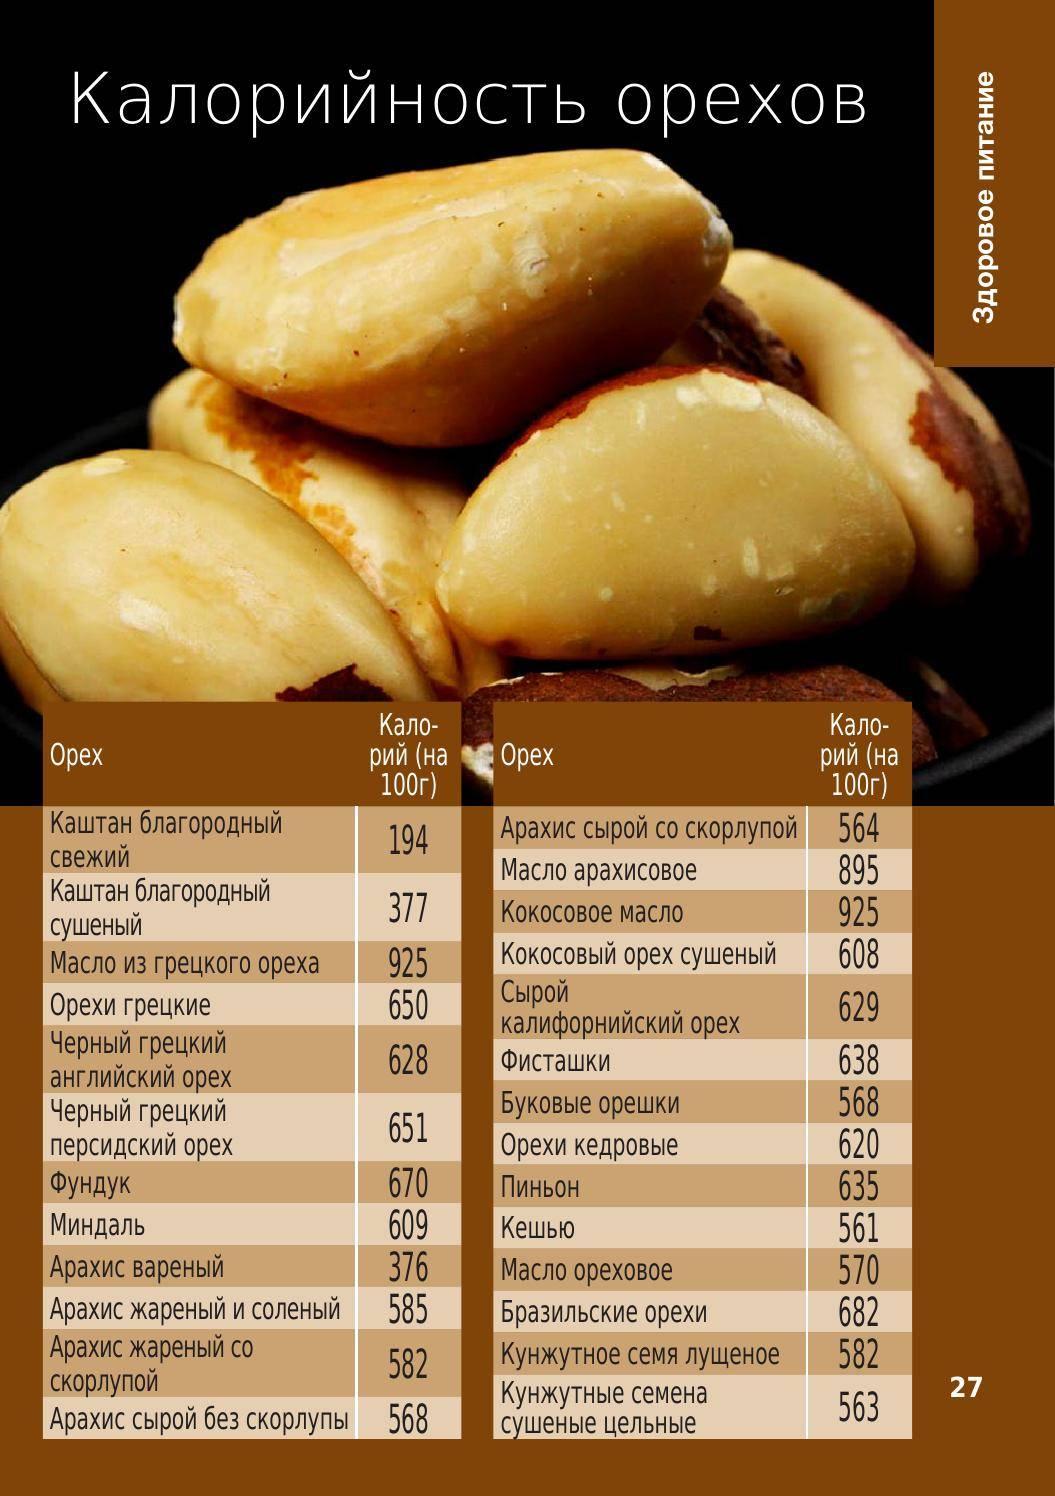 Сколько орехов можно съедать в день: какие полезны при похудении и лучше для диеты, а также фото порции в штуках с калорийностью